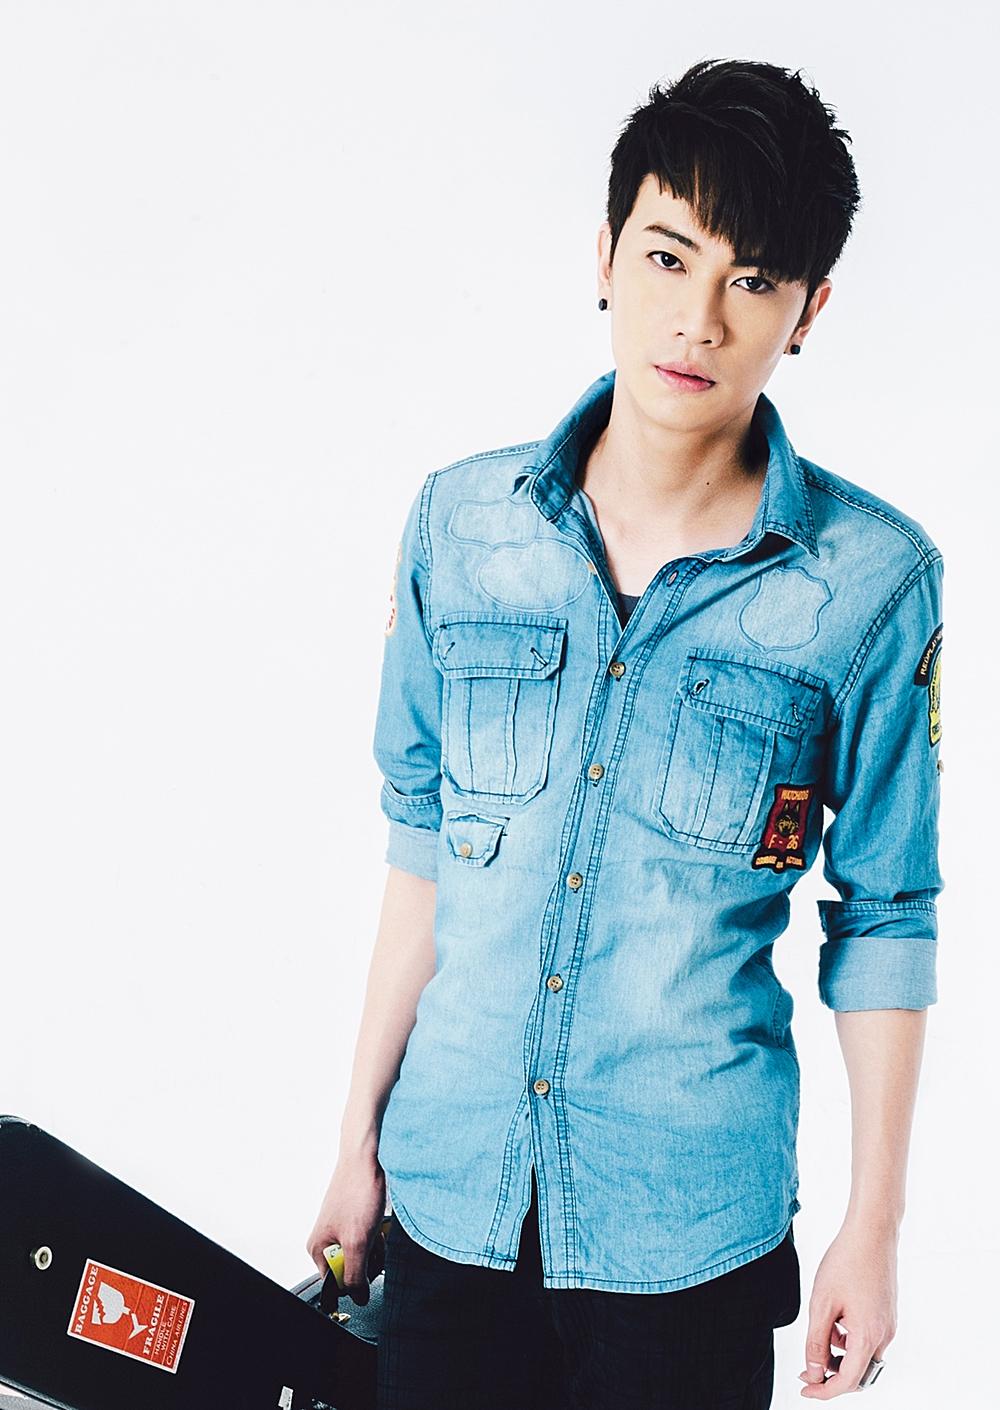 NickYeo_Promotional Image